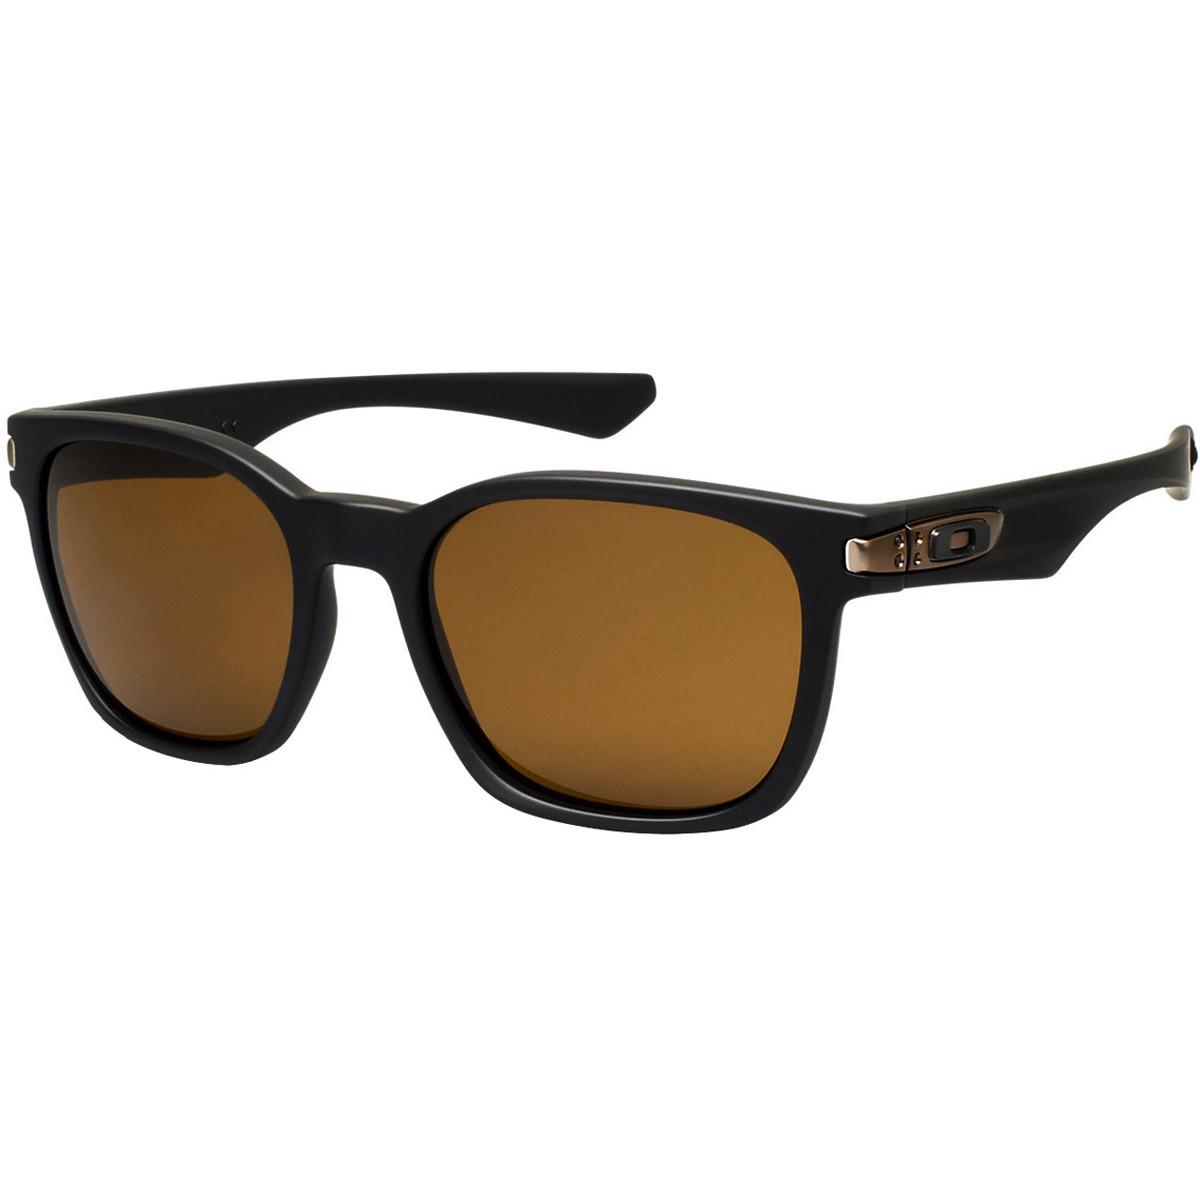 Óculos Oakley Garage Rock Matte Black  Dark Bronze LANÇAMENTO ref ... d9f973c444